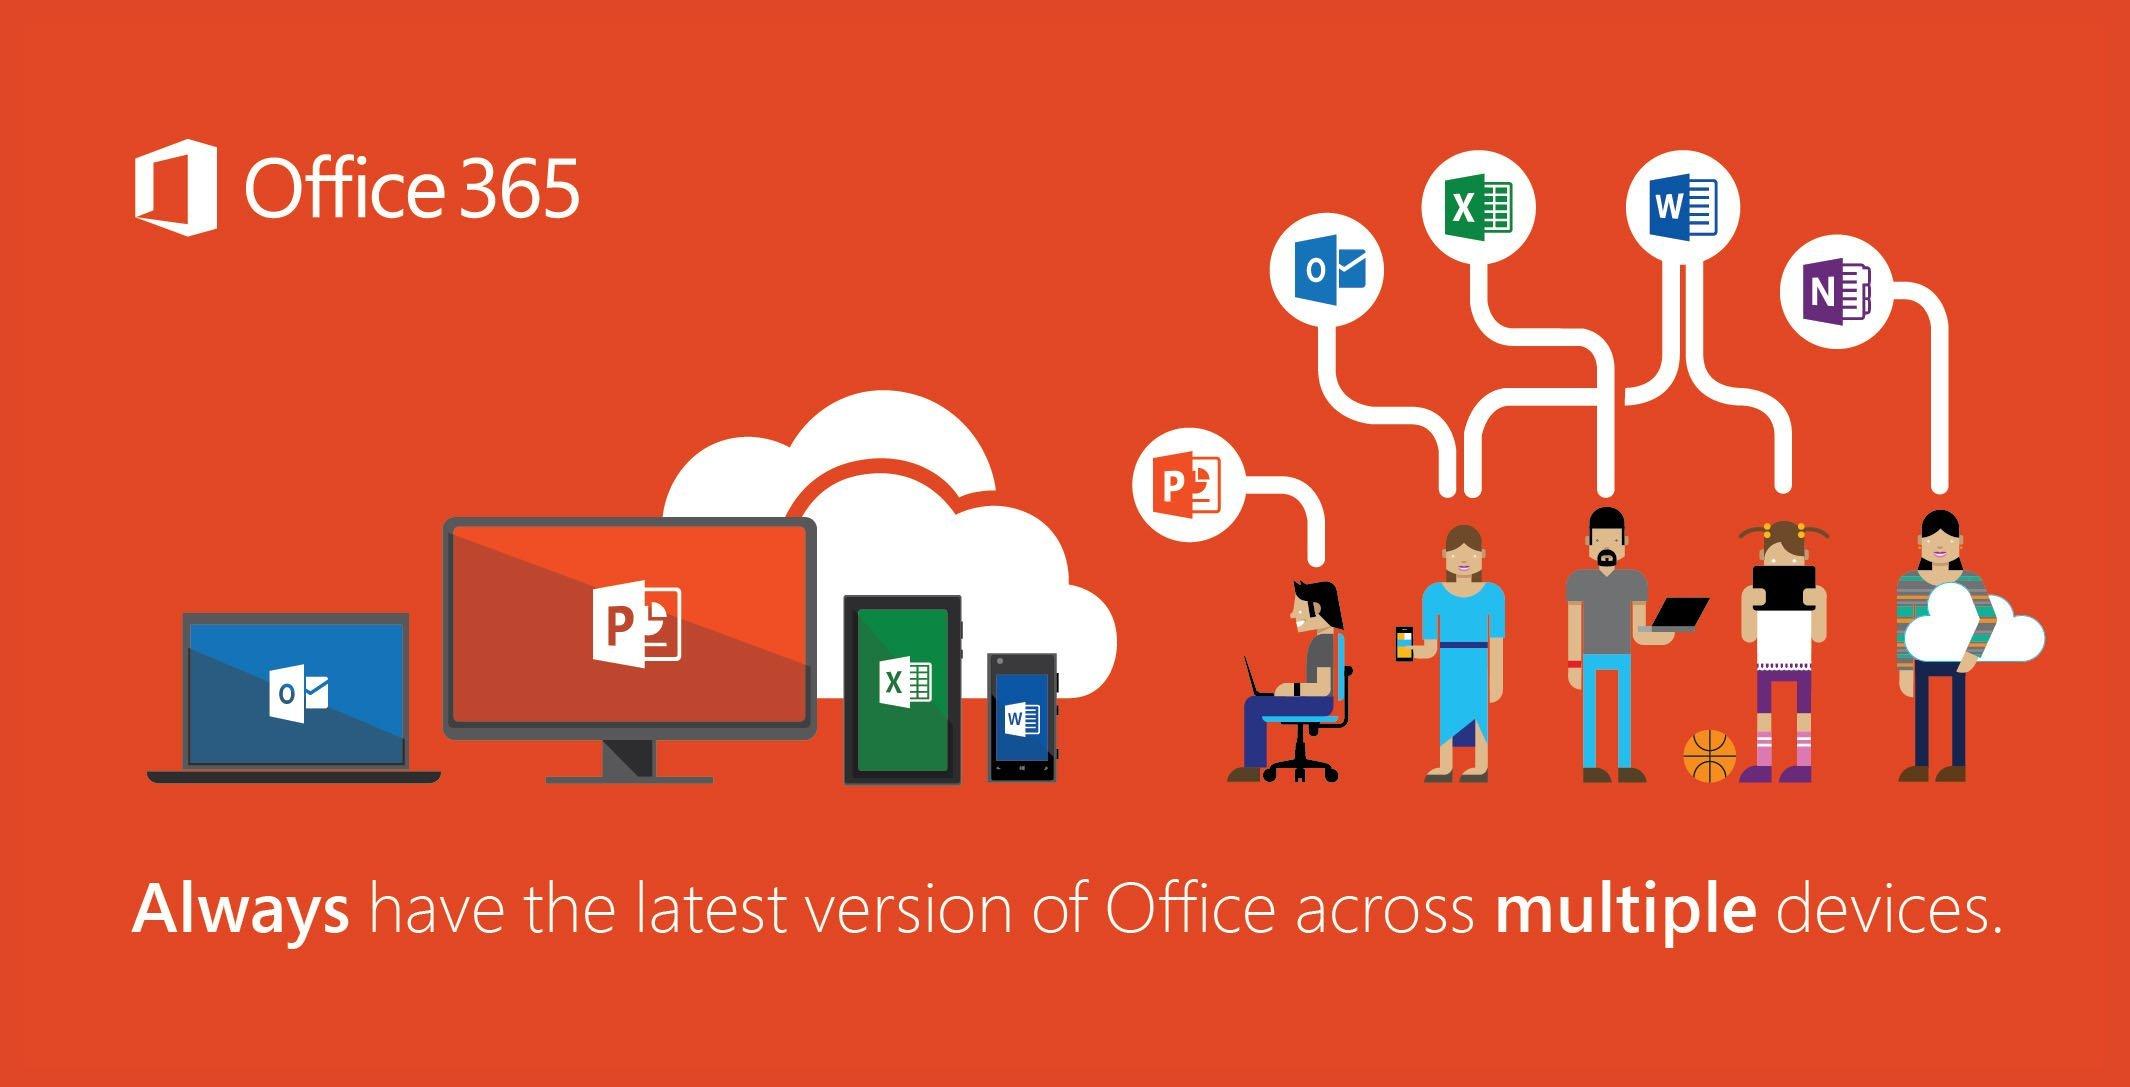 Räätälöidään office 365 yhdessä sopivaksi käyttöönne